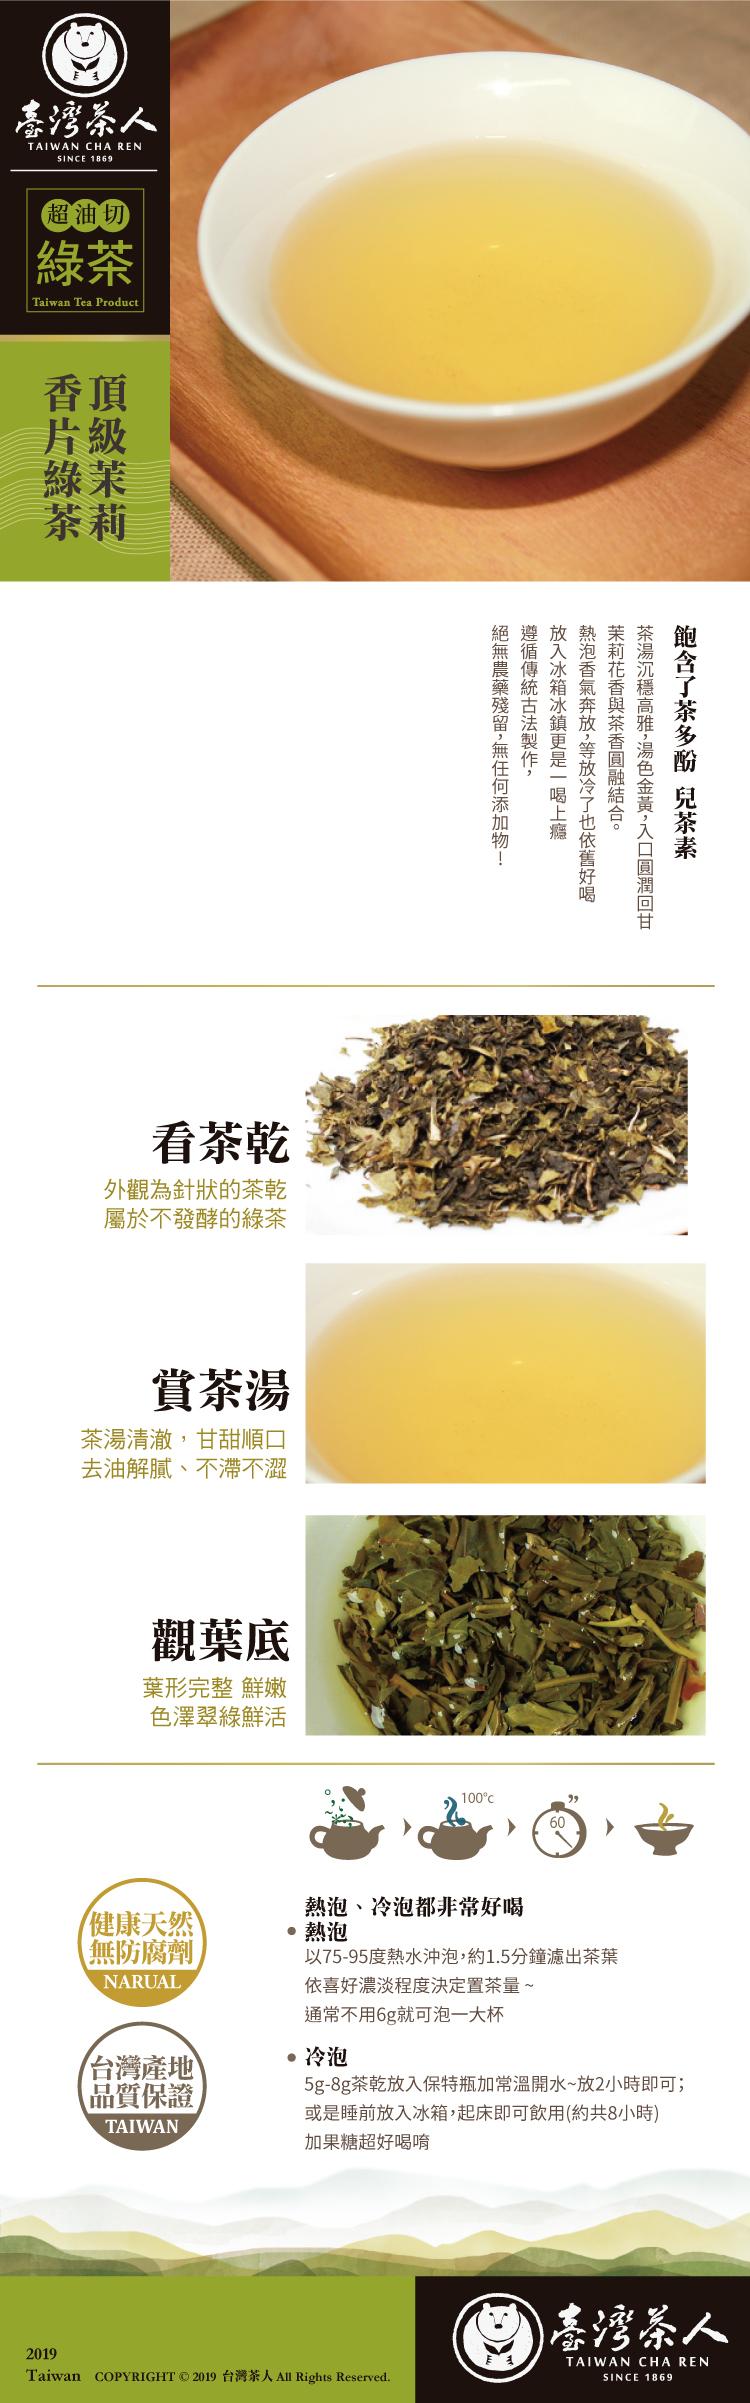 【台灣茶人】茉莉香片綠茶│買五斤送半斤